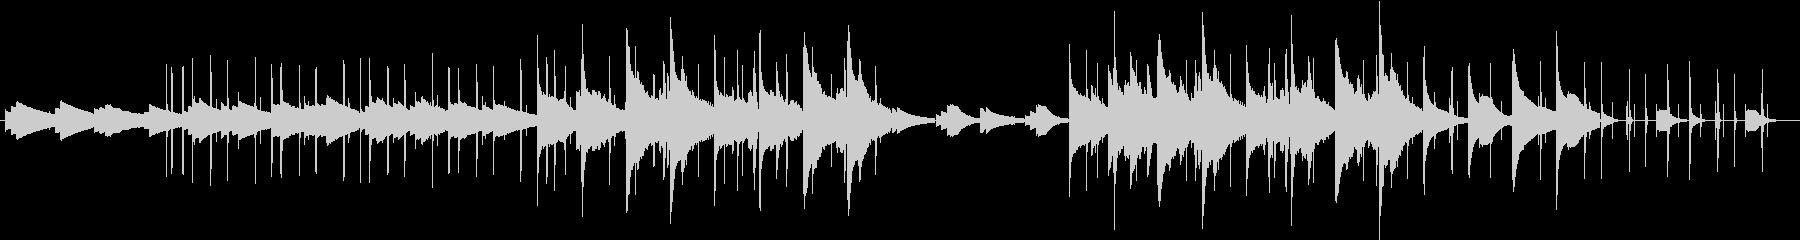 同じフレーズが繰り返される切ない曲の未再生の波形